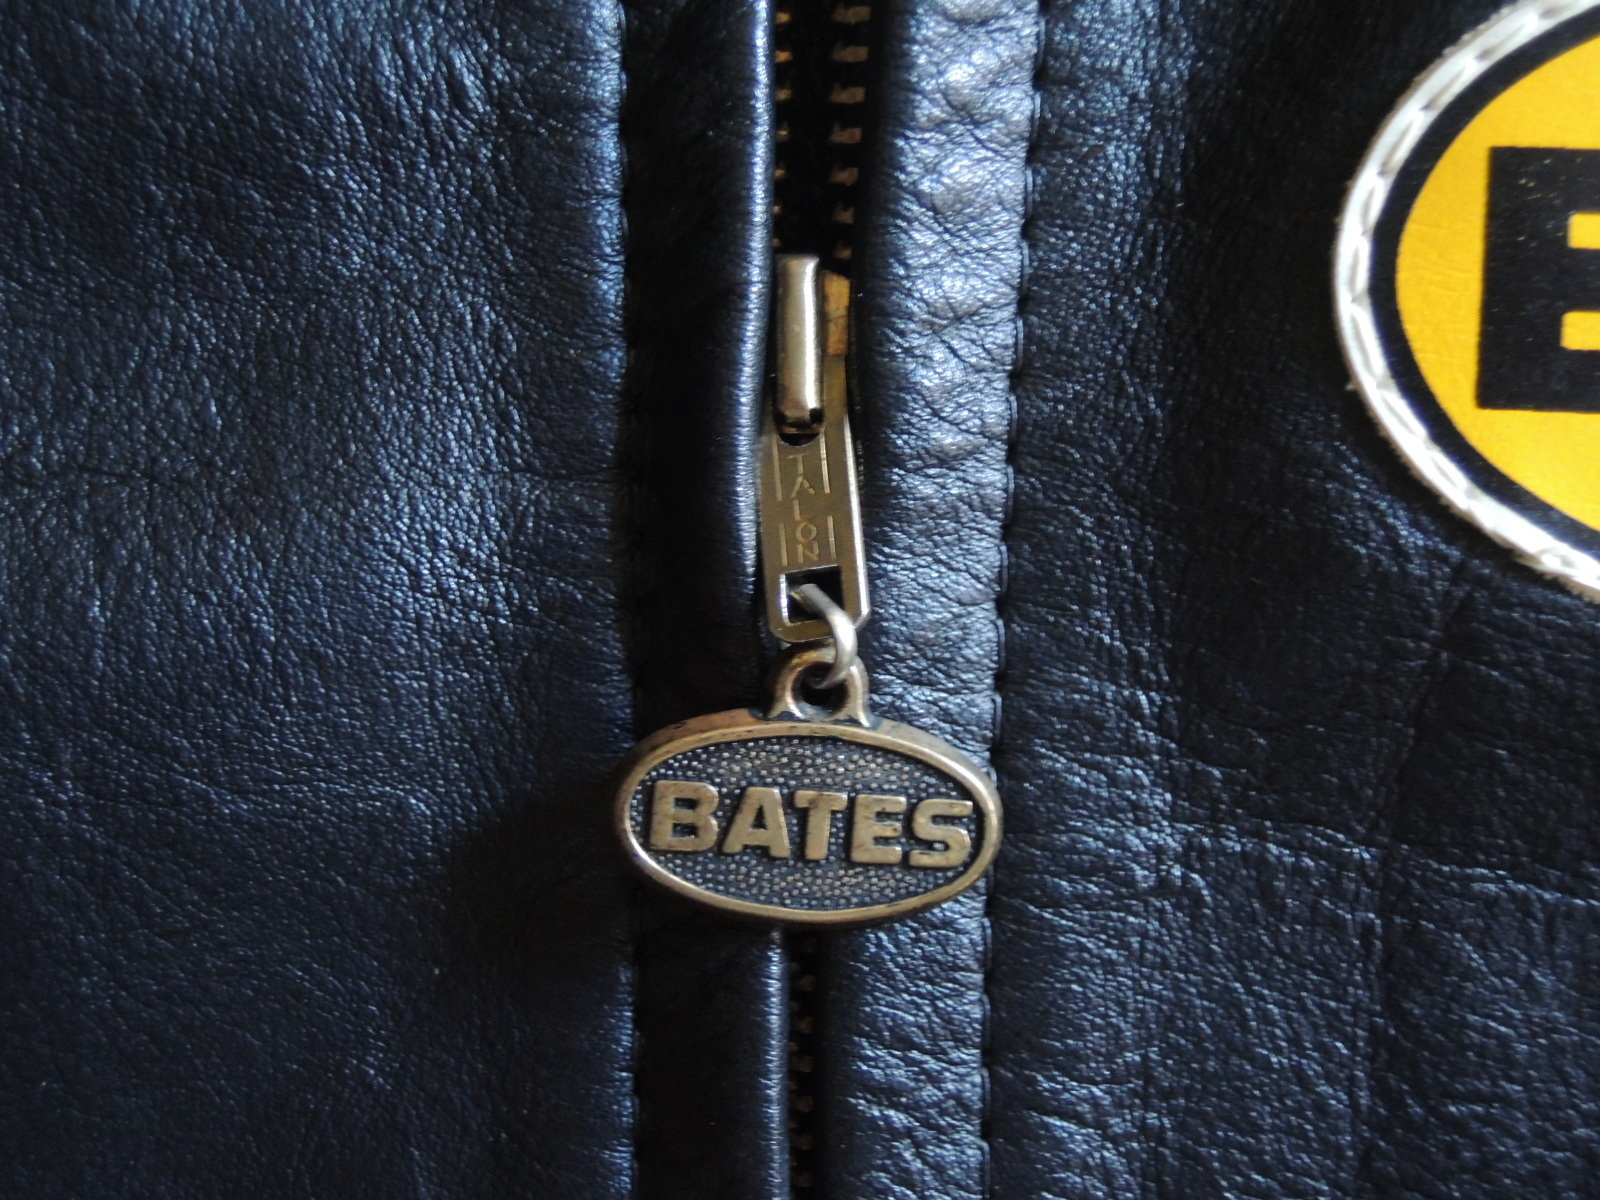 bates05.JPG